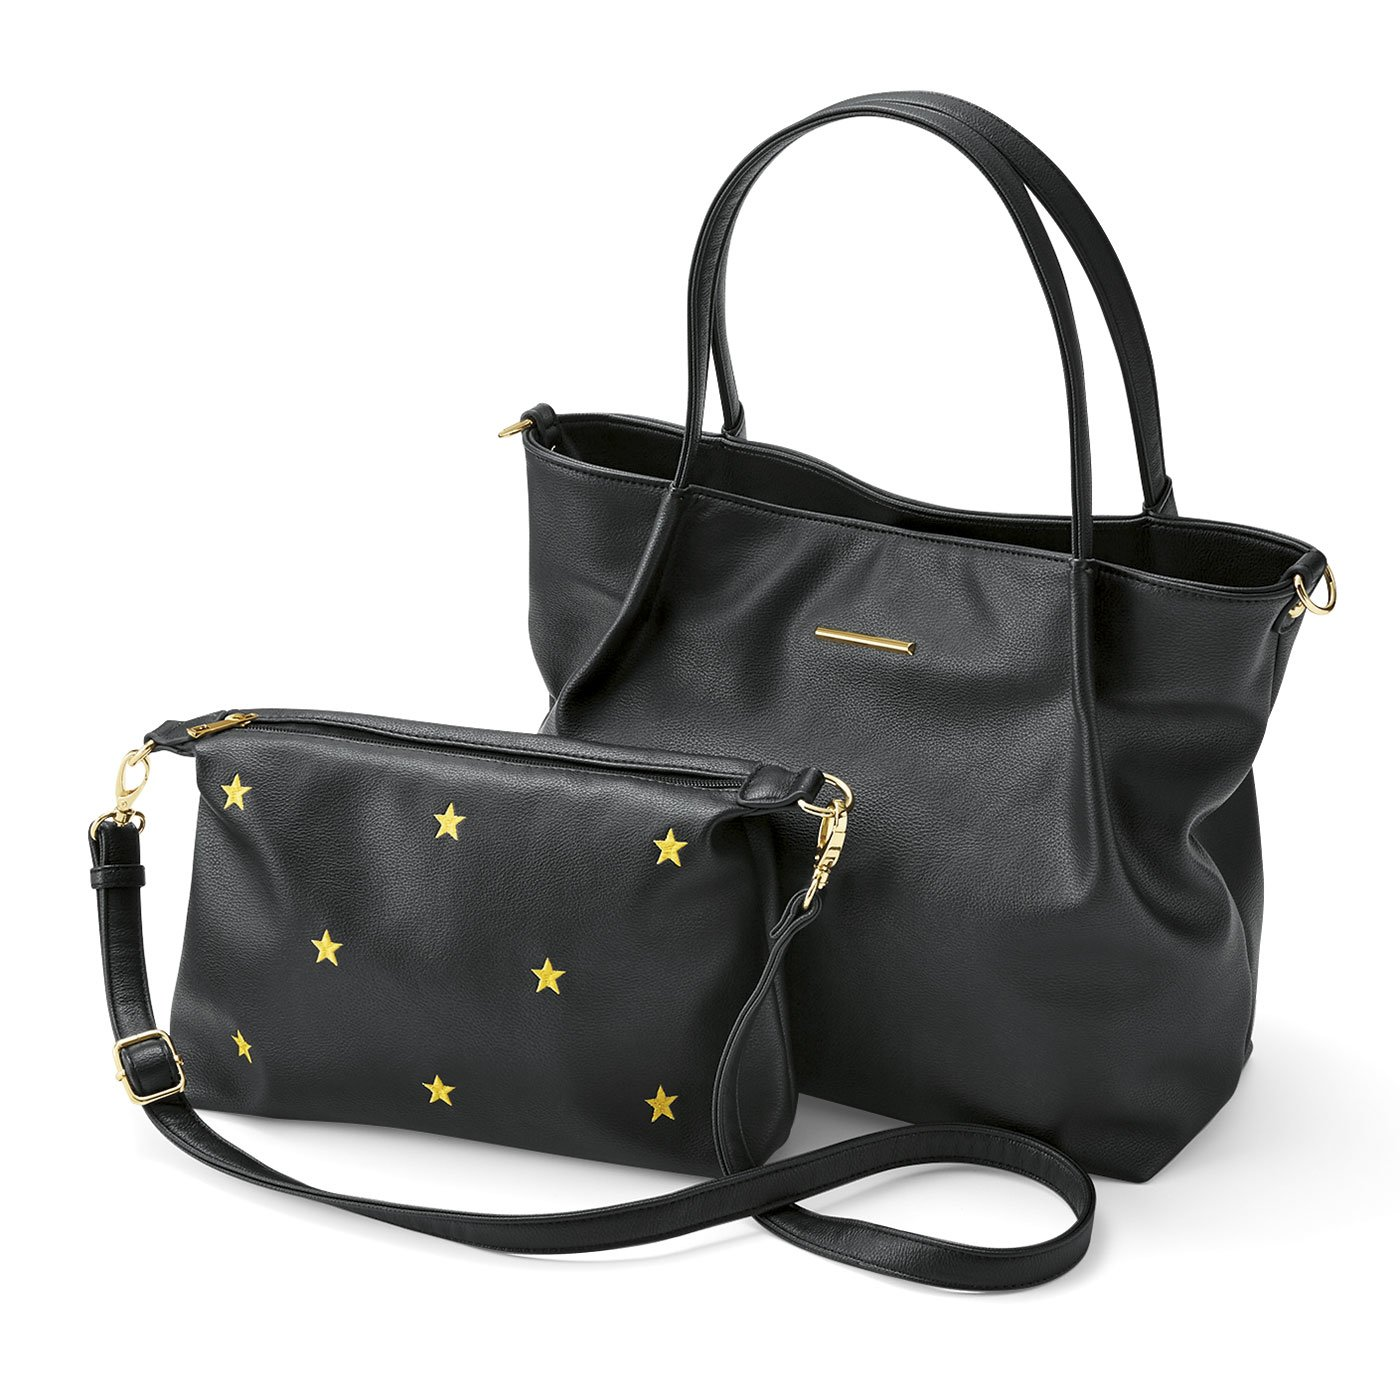 リブ イン コンフォート 使い方自在な星刺繍ポシェット付きトートバッグ〈ブラック〉